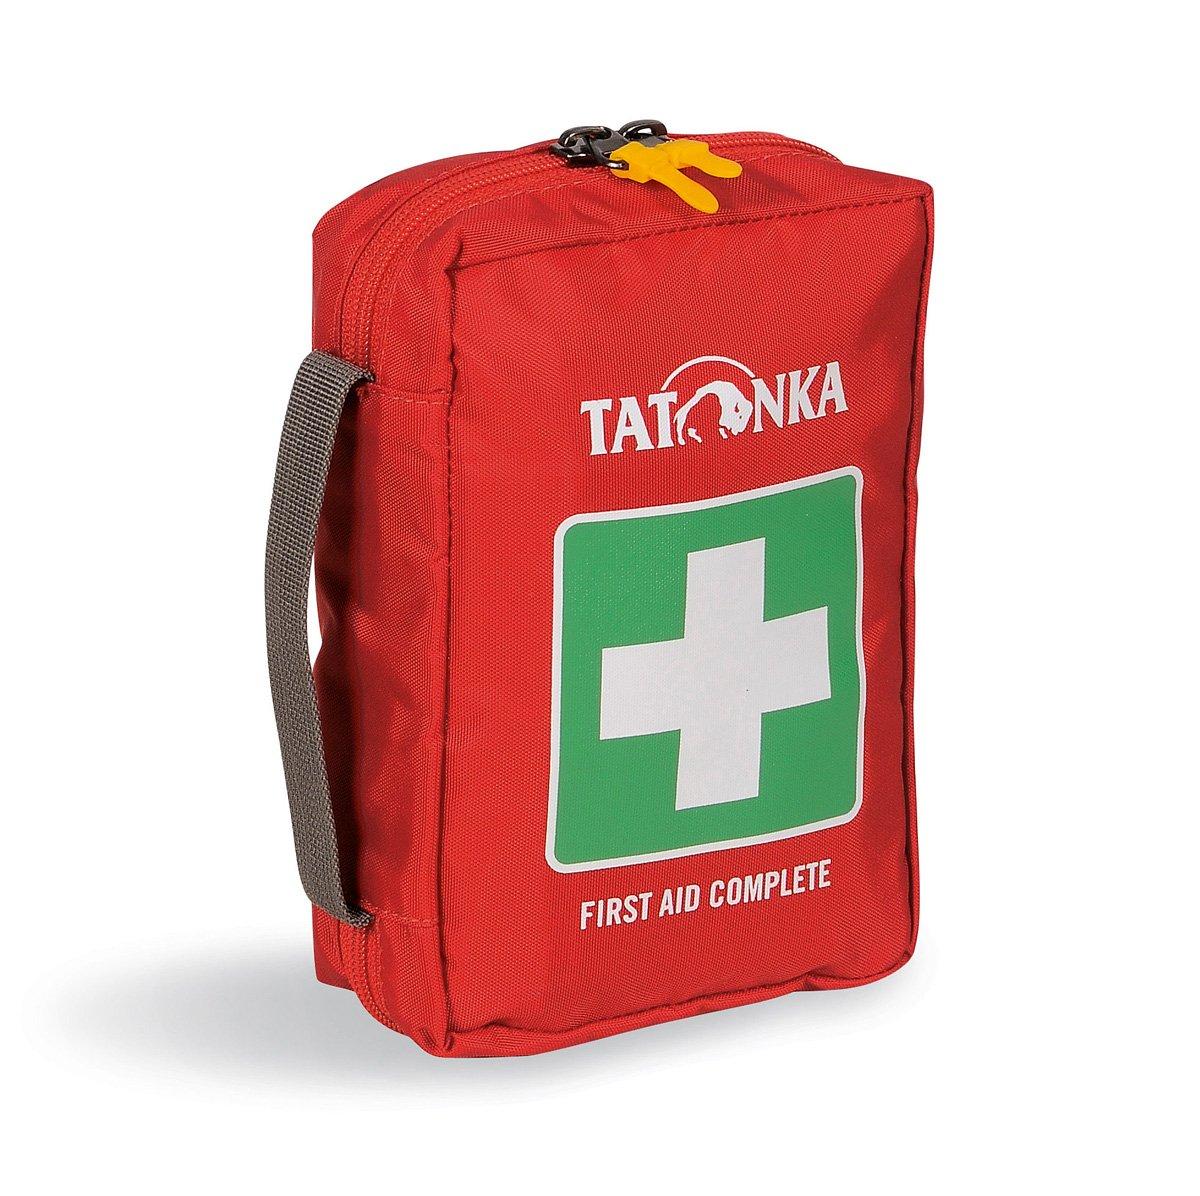 Tatonka - Maletín completo de primeros auxilios rojo rojo Talla:18 x 12, 5 x 5, 5cm 2716